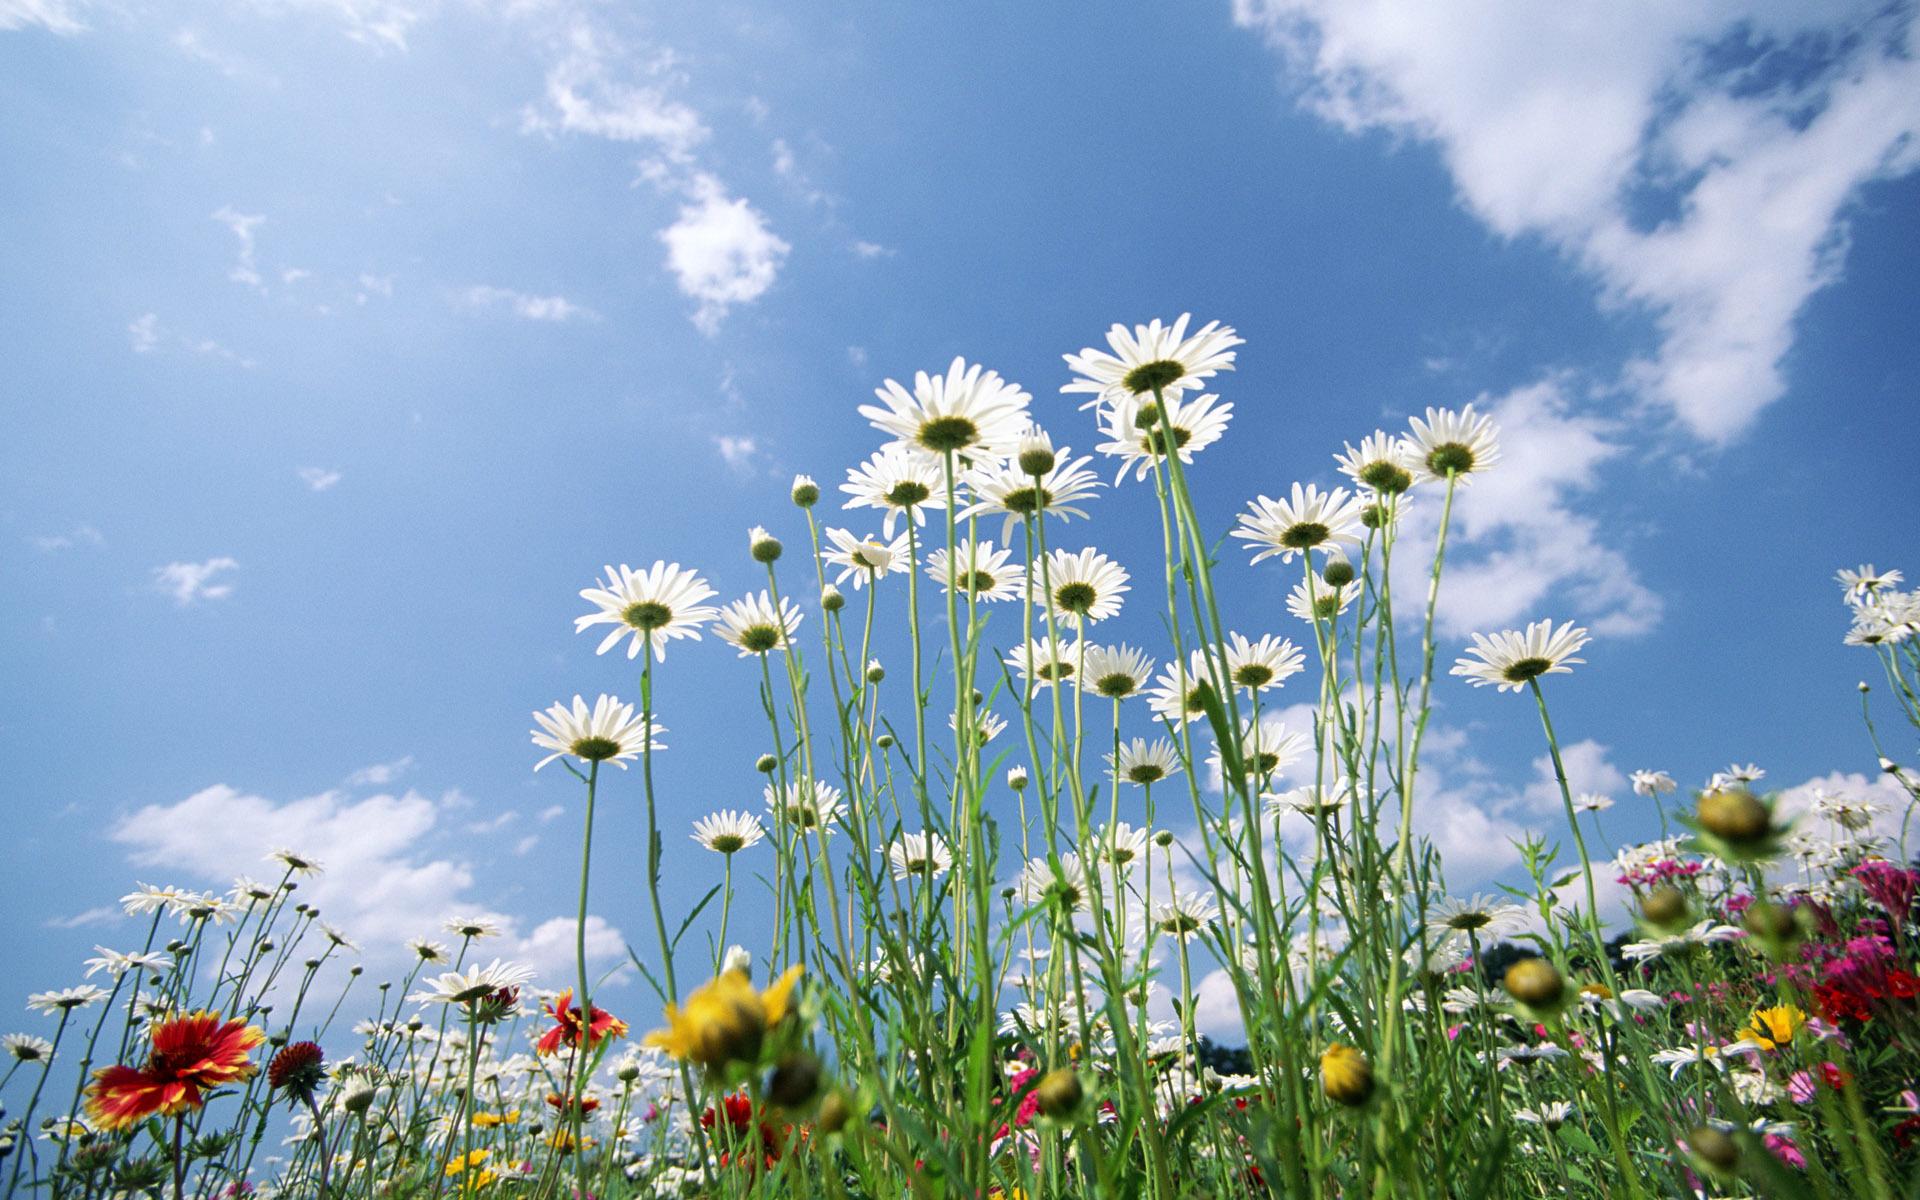 стихи здравствуй лето в ромашковом поле месяц июль будет денег тебя